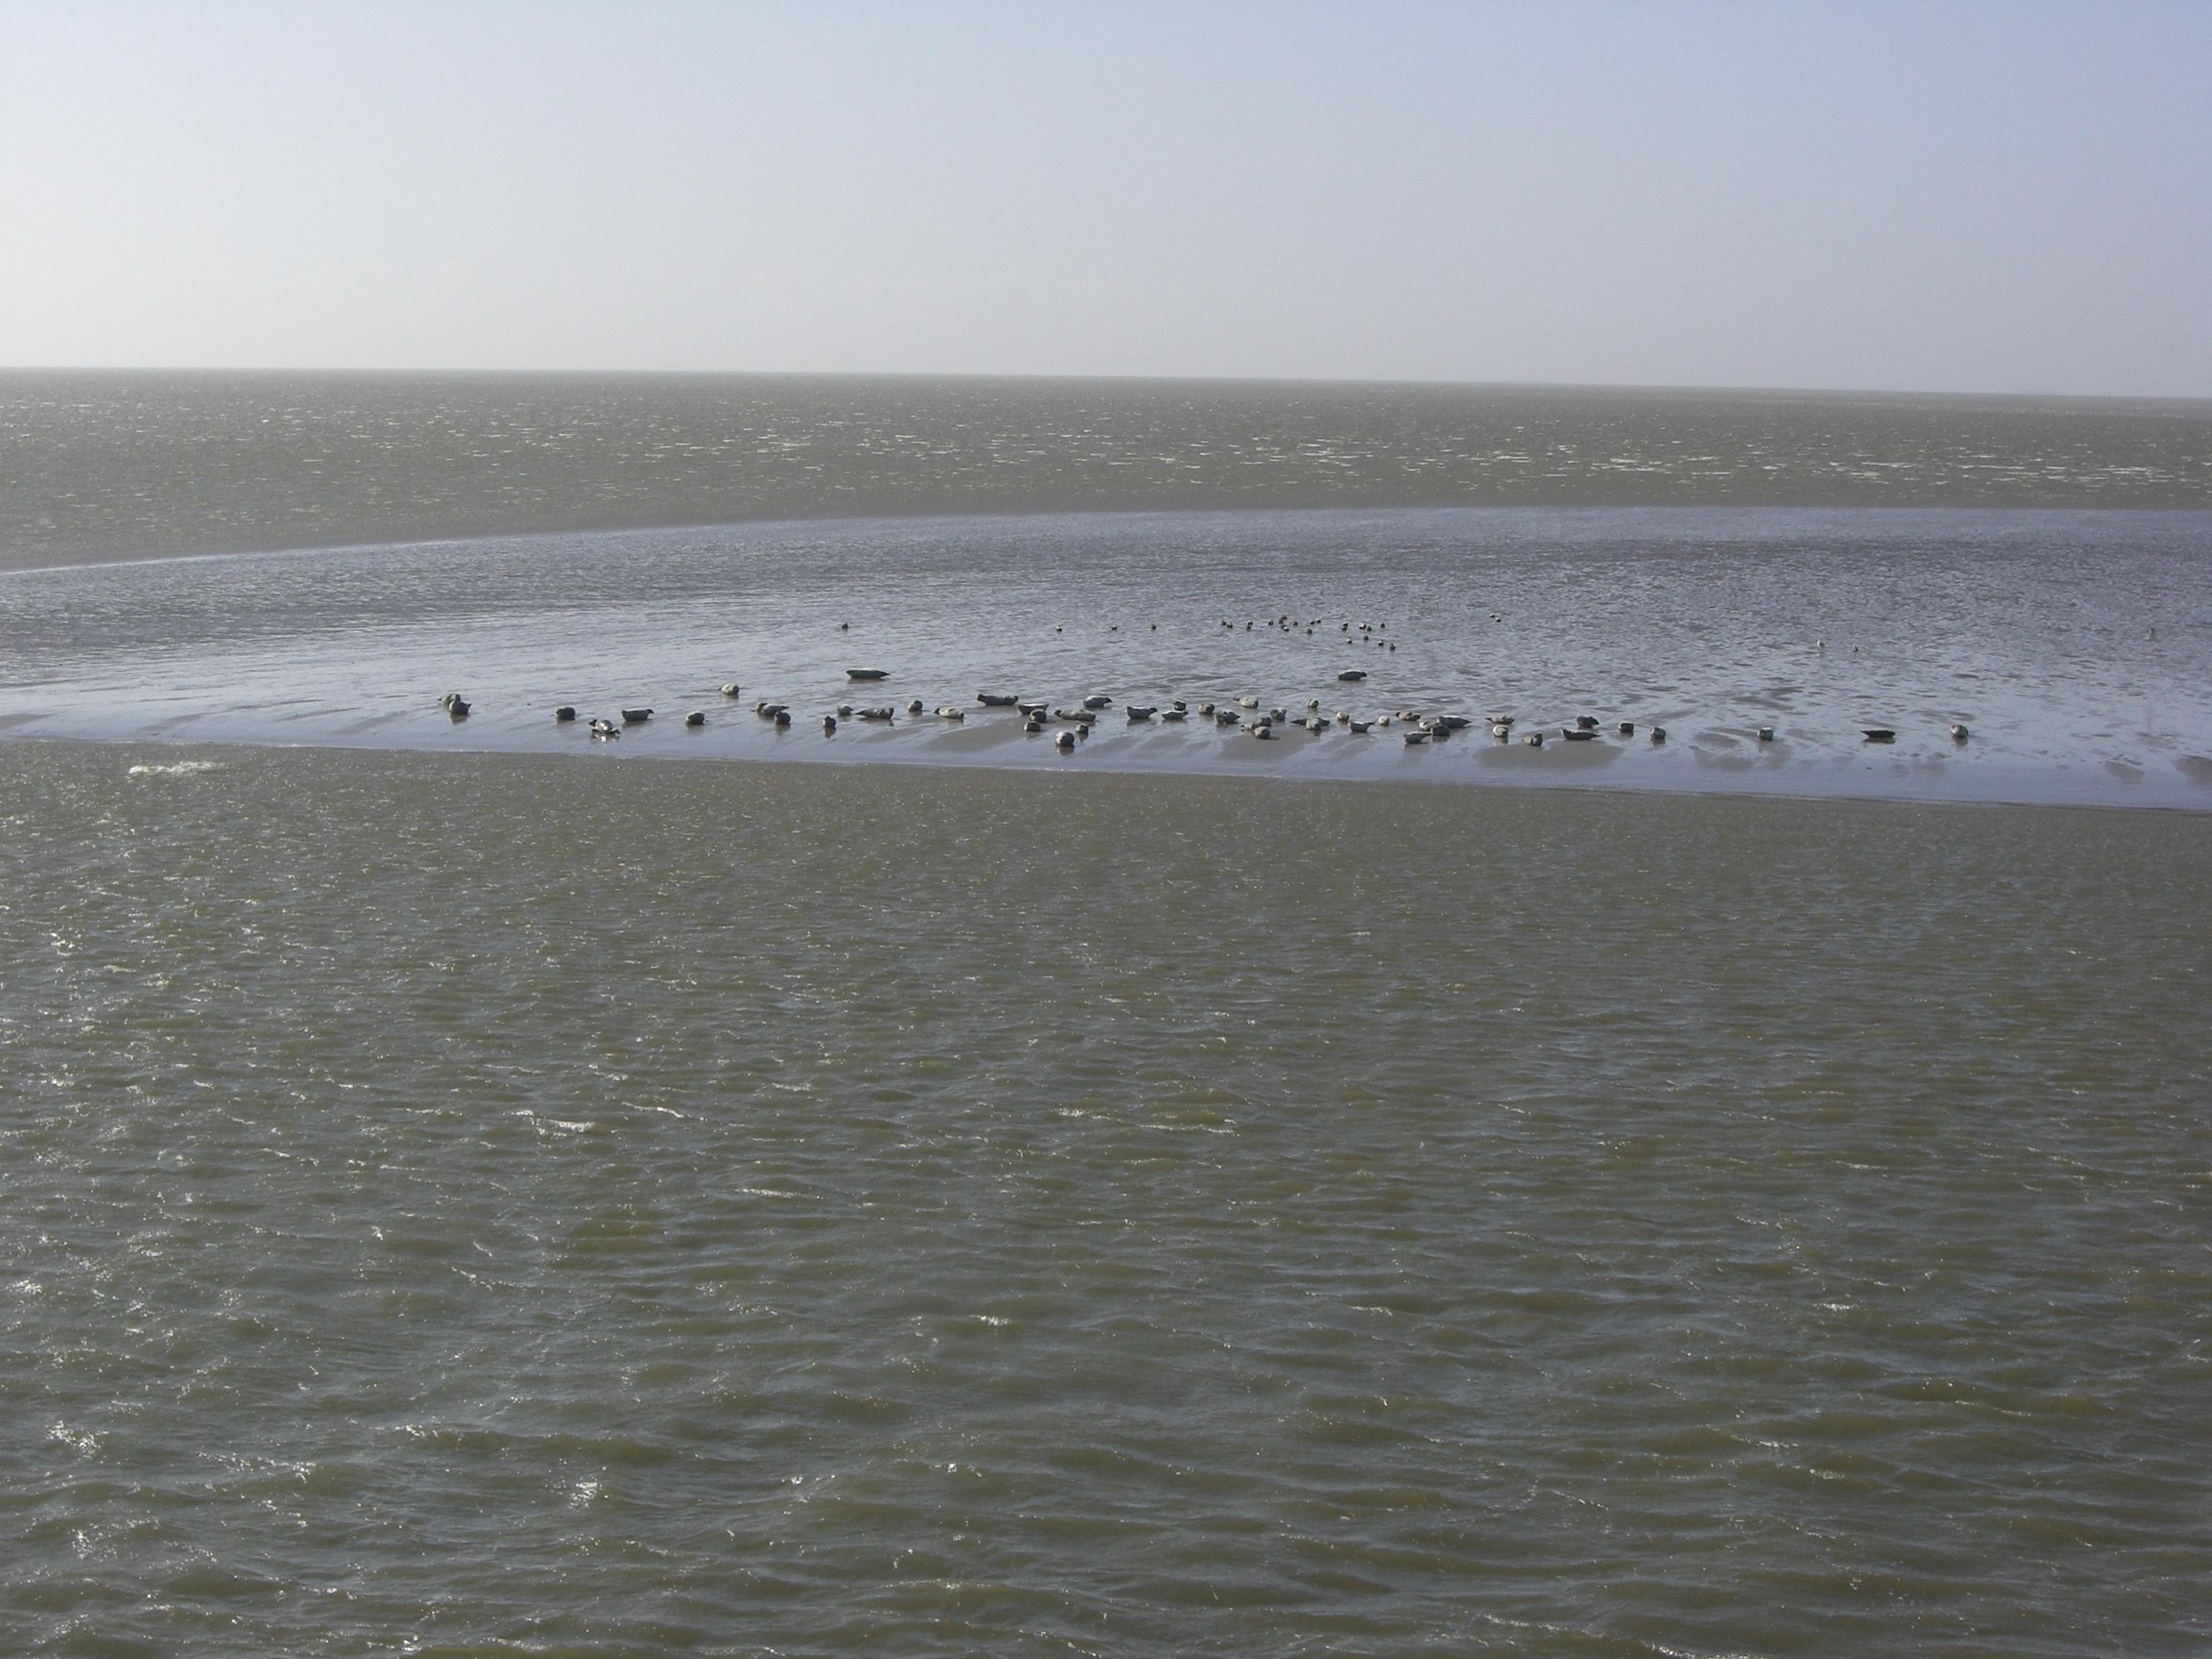 Urlaubs - Residenz Norderney Sonne, Strand und Mee(h)r Buchung unter ...